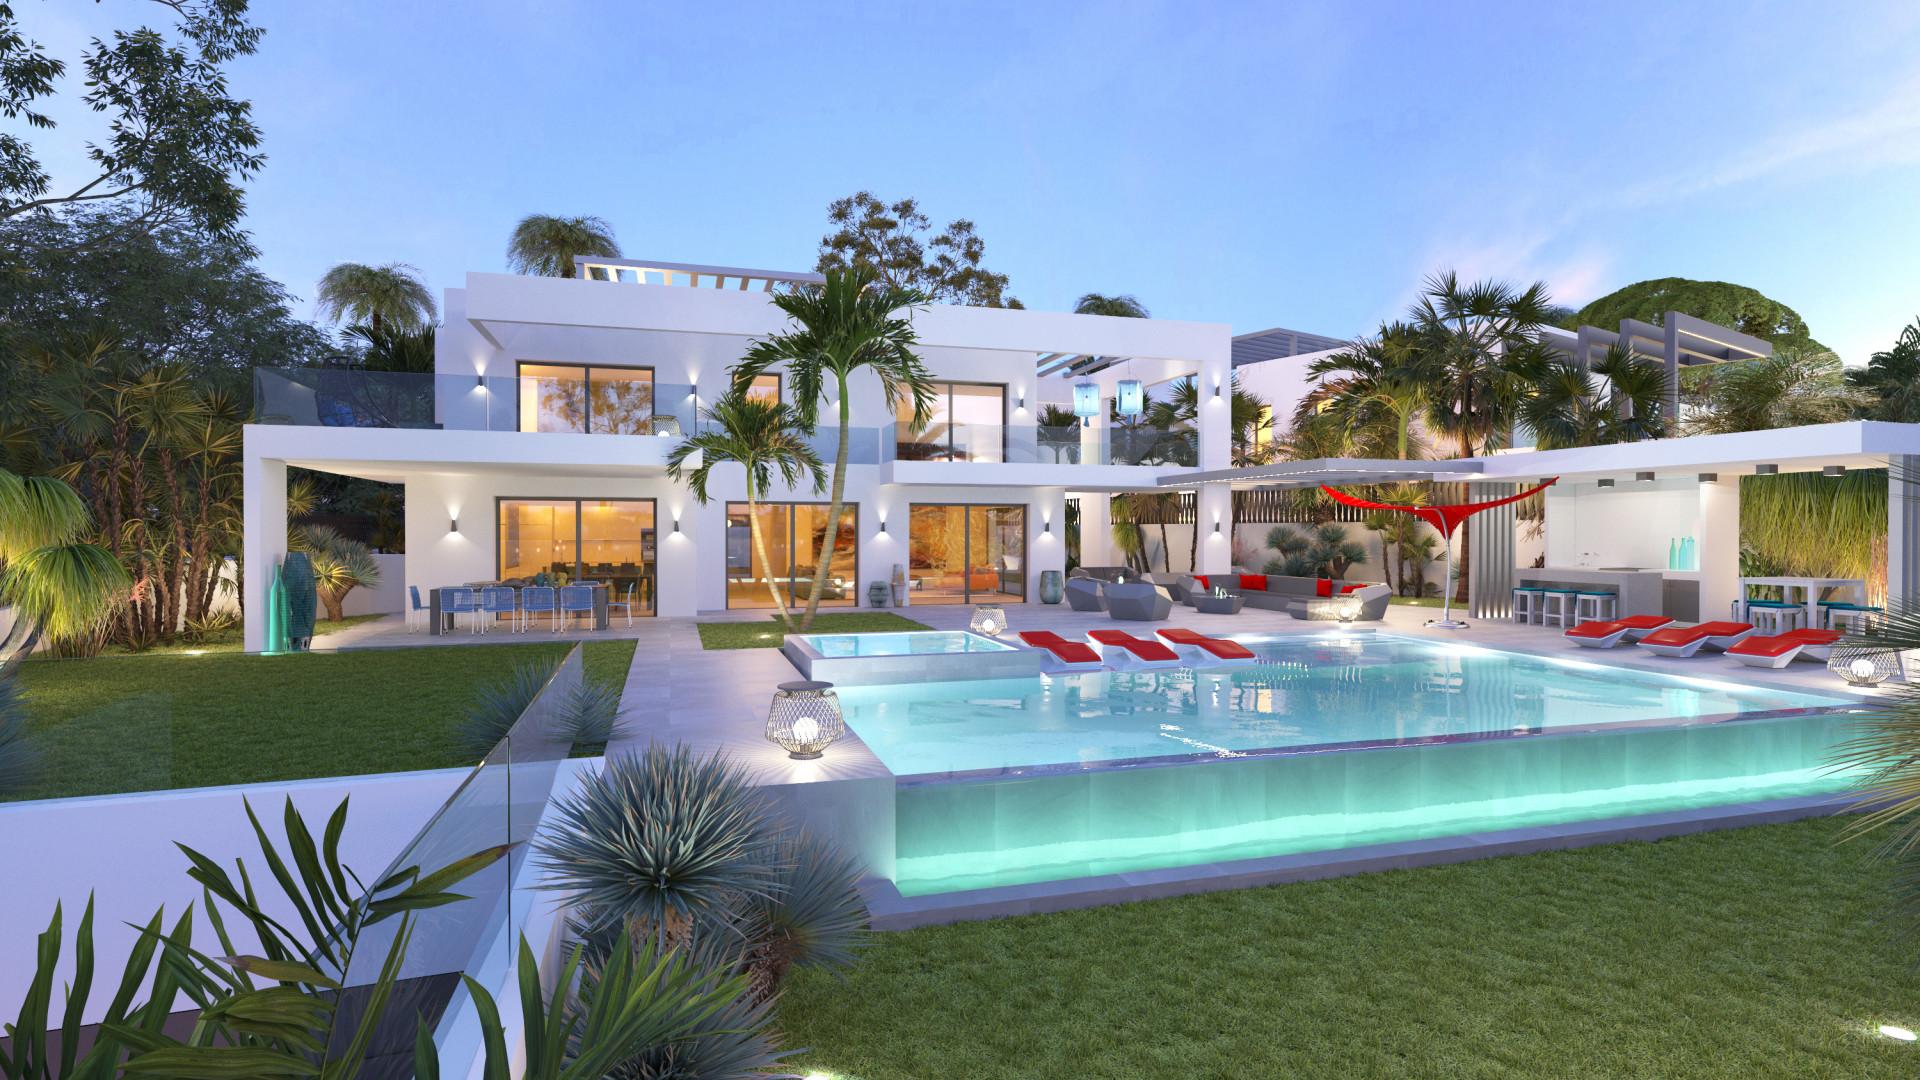 ARFV2174 - Zeitgenössische Villa in Strandlage mit Panoramablick zum Verkauf in Marbesa in Marbella